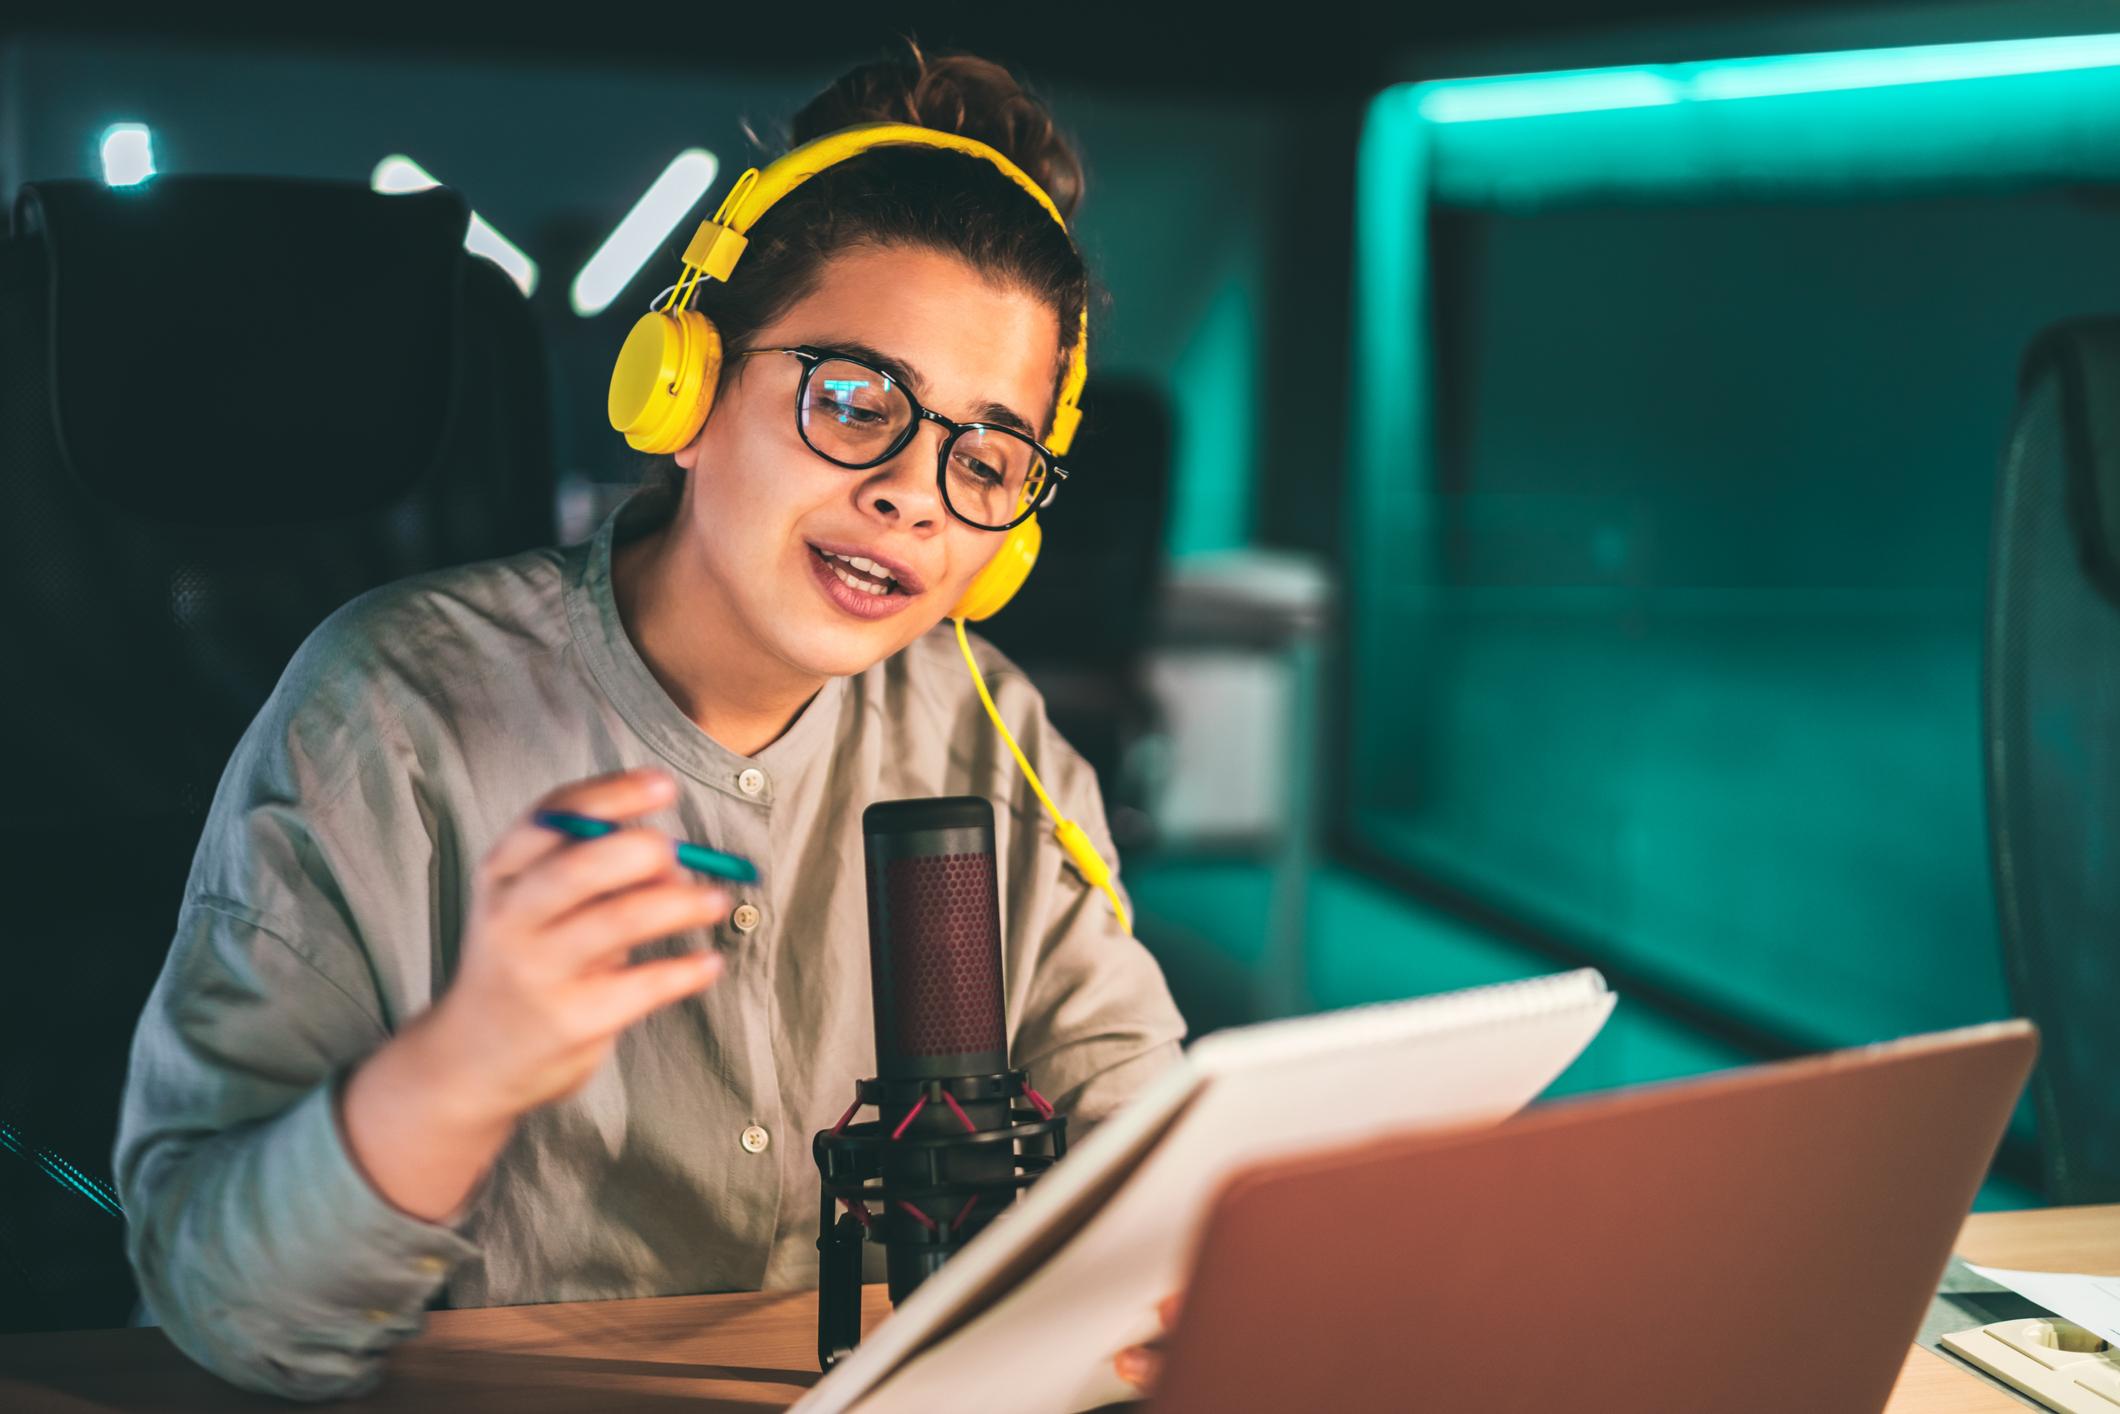 Estudante com fone de ouvido, microfone e caderno na mão, gravando podcast